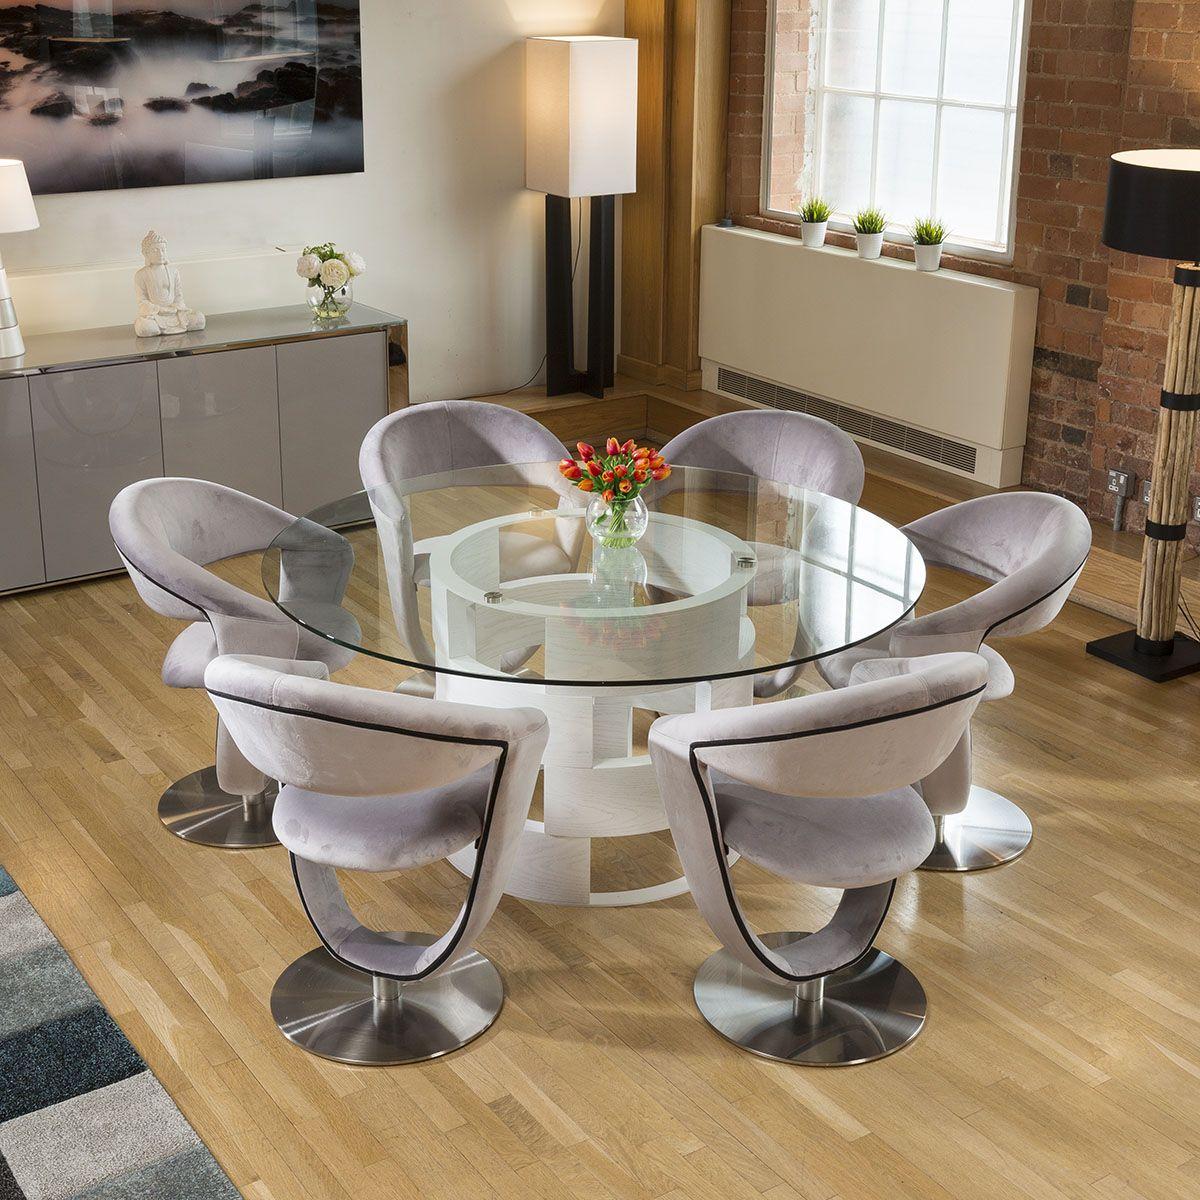 Round 1 6 Glass Top White Oak Dining Table 6 Grey Velvet Swivel